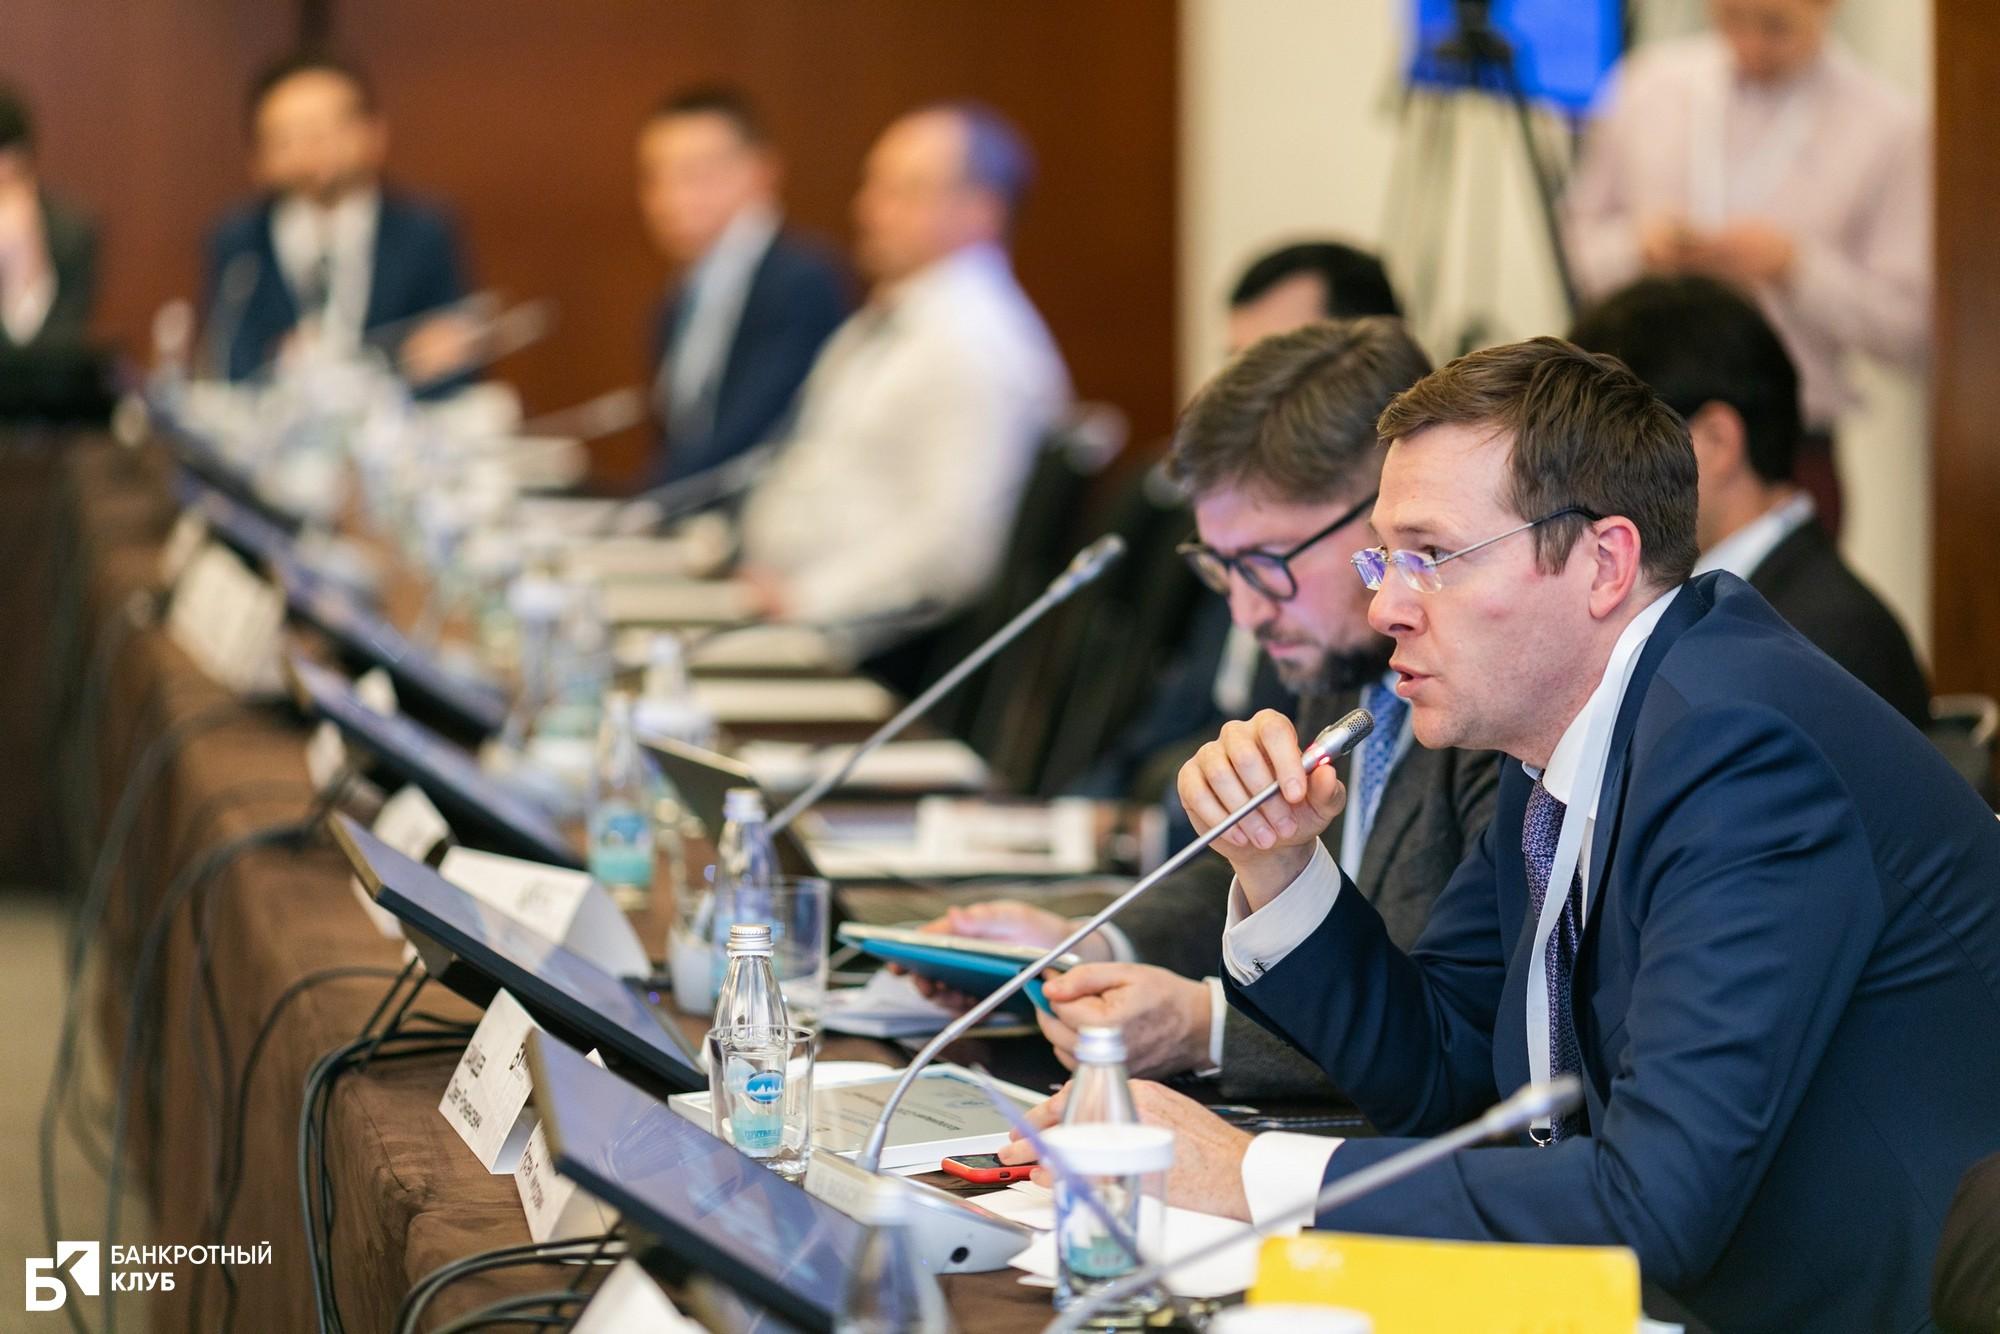 Состоялось заседание Банкротного клуба в Москве